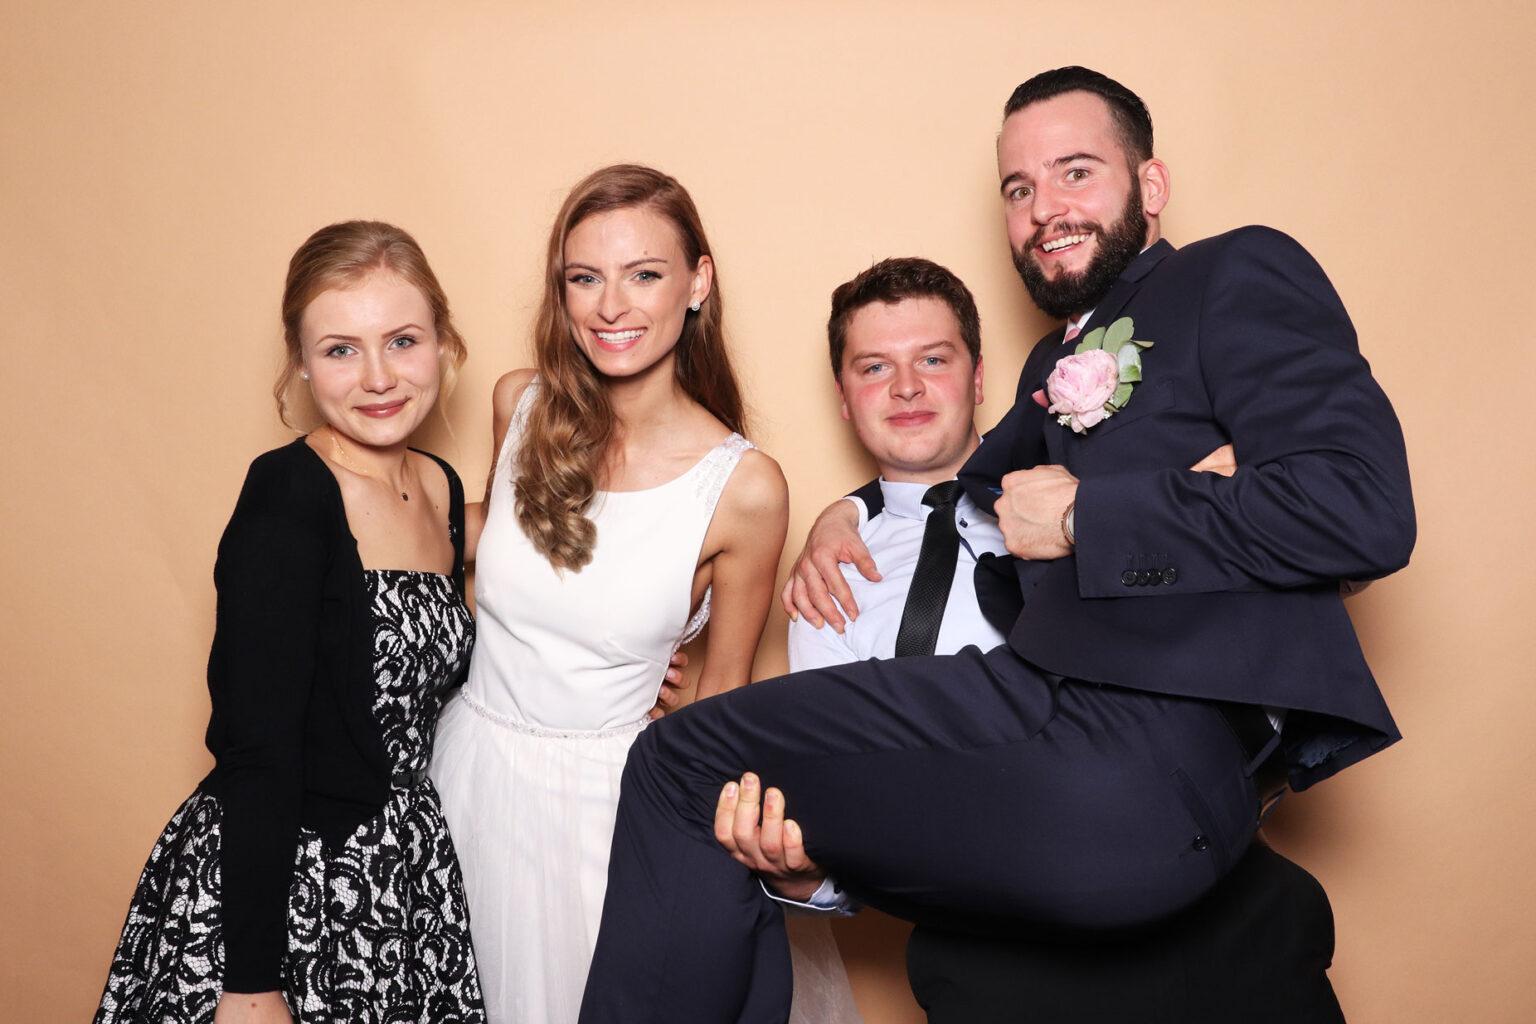 Svadobný fotokútik - fotostena Sandstone - piesková hnedá, svadba.